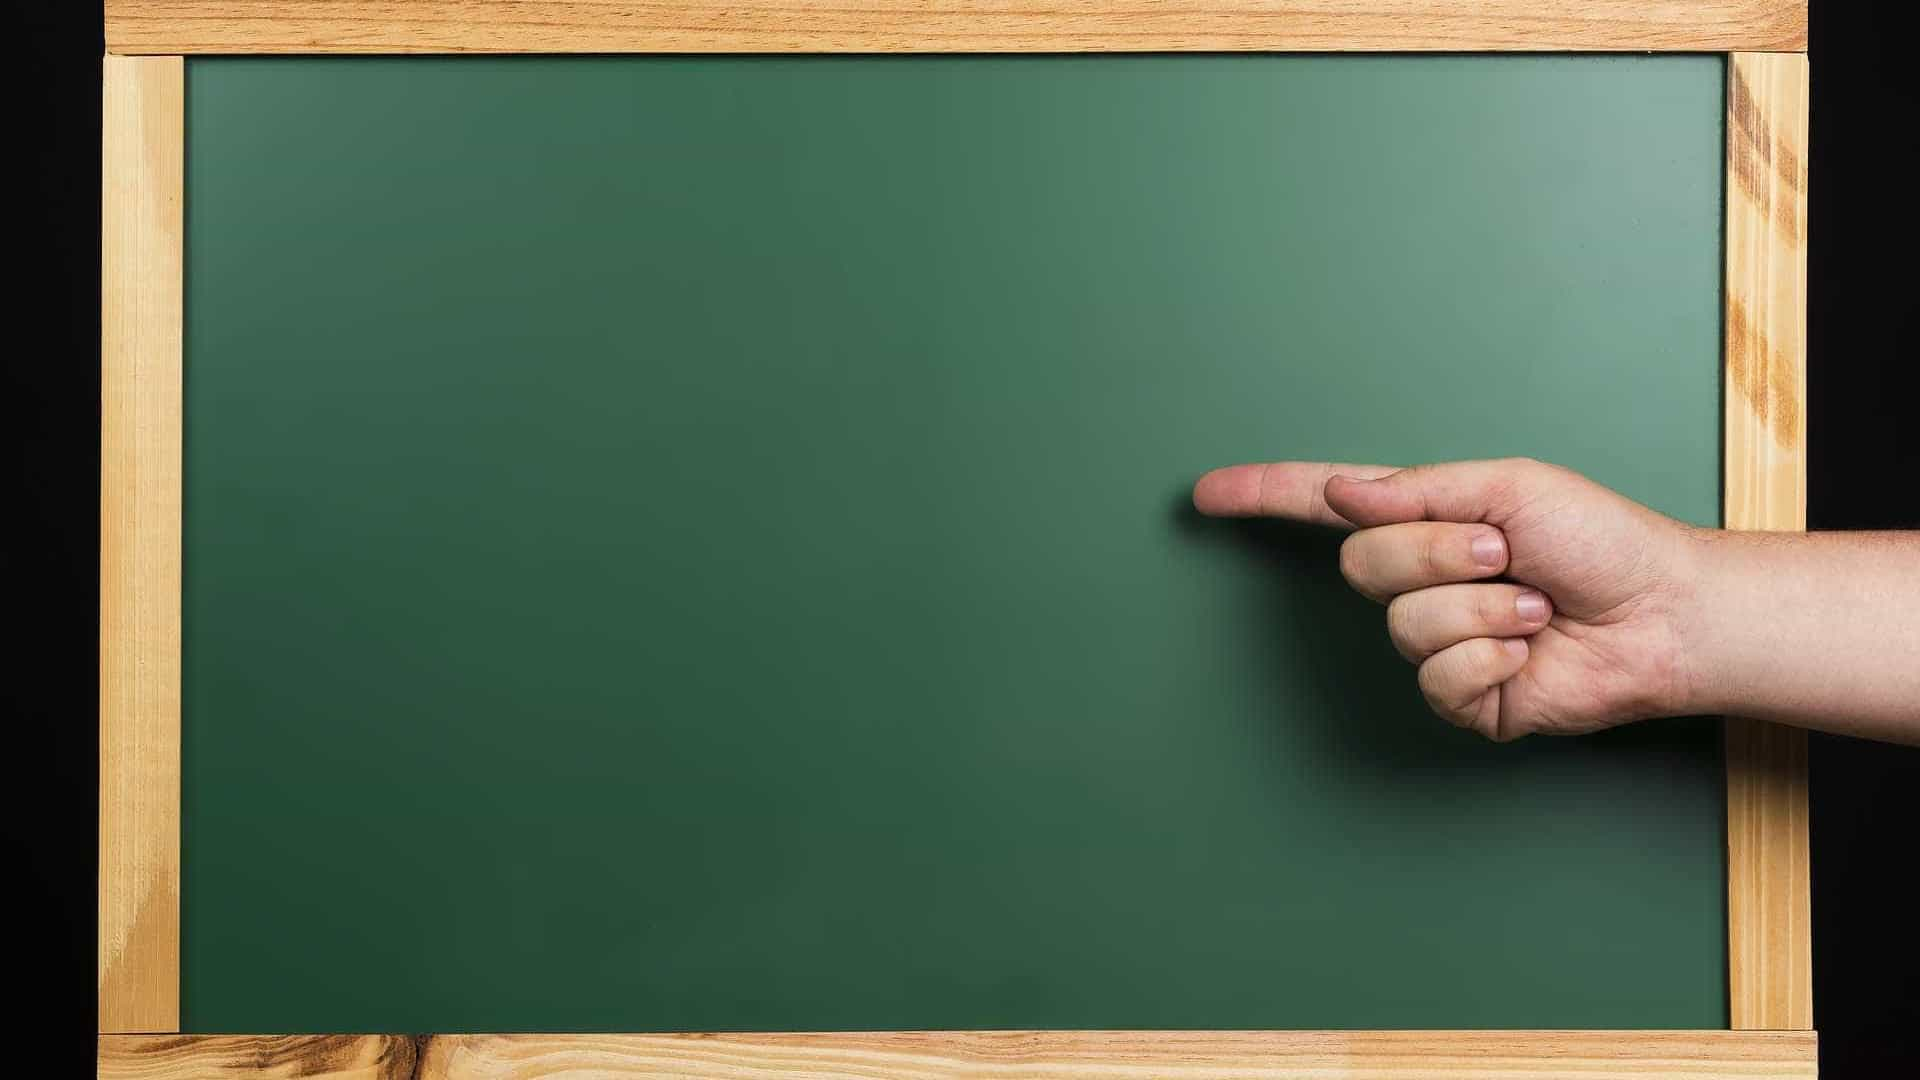 Ensino médio perde alunos; país tem 1,5 mi de jovens fora da escola